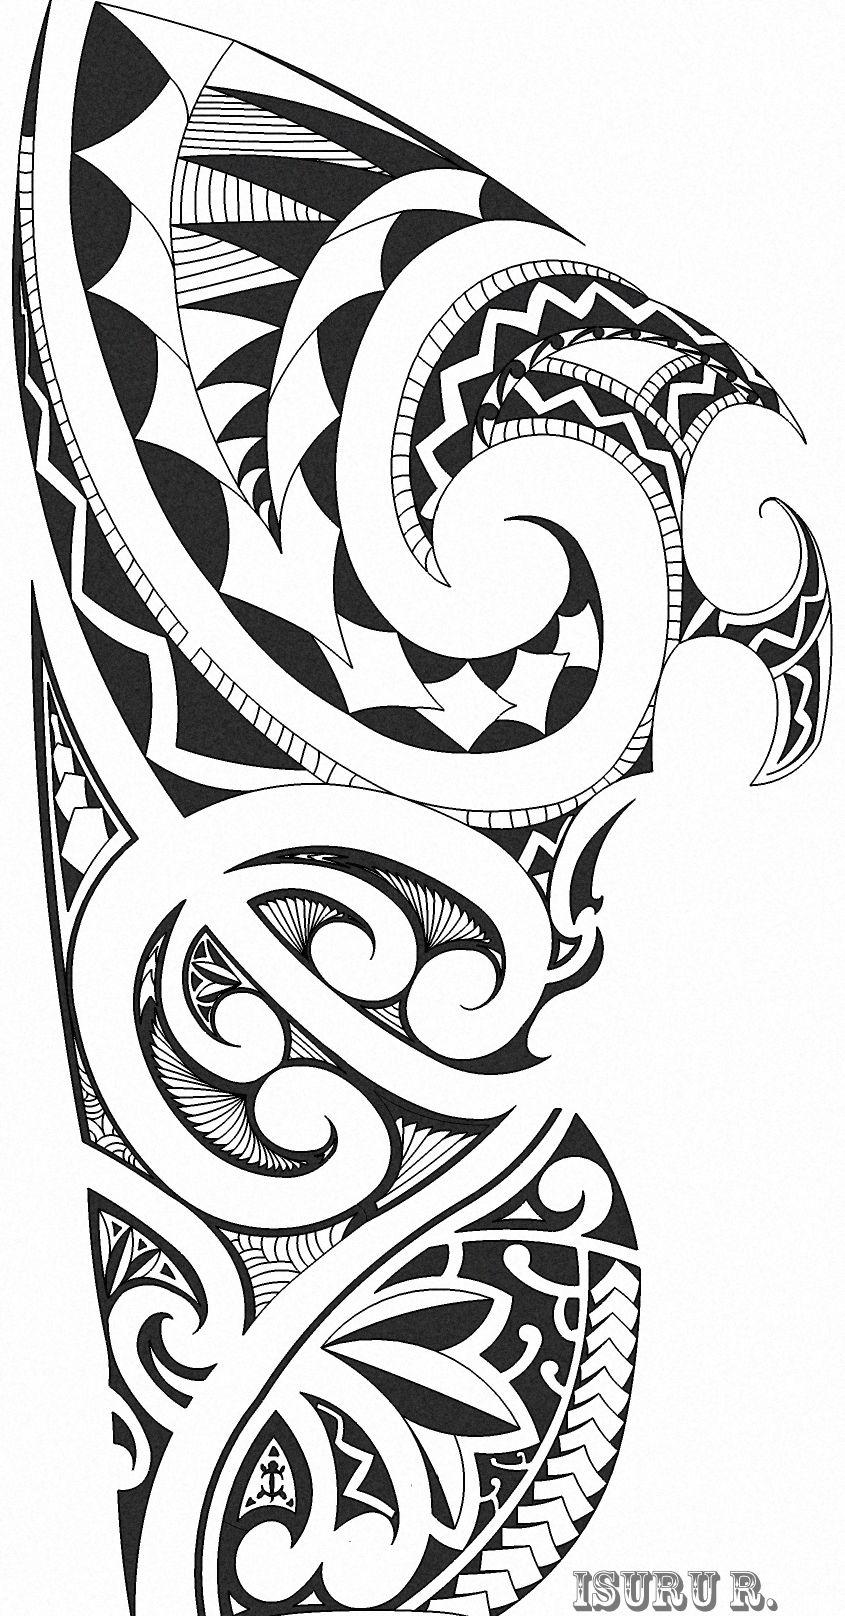 Maori Tribal Tattoos Powerful: Tatuagem Maori, Tatuagem Maori Braço, Tatuagens